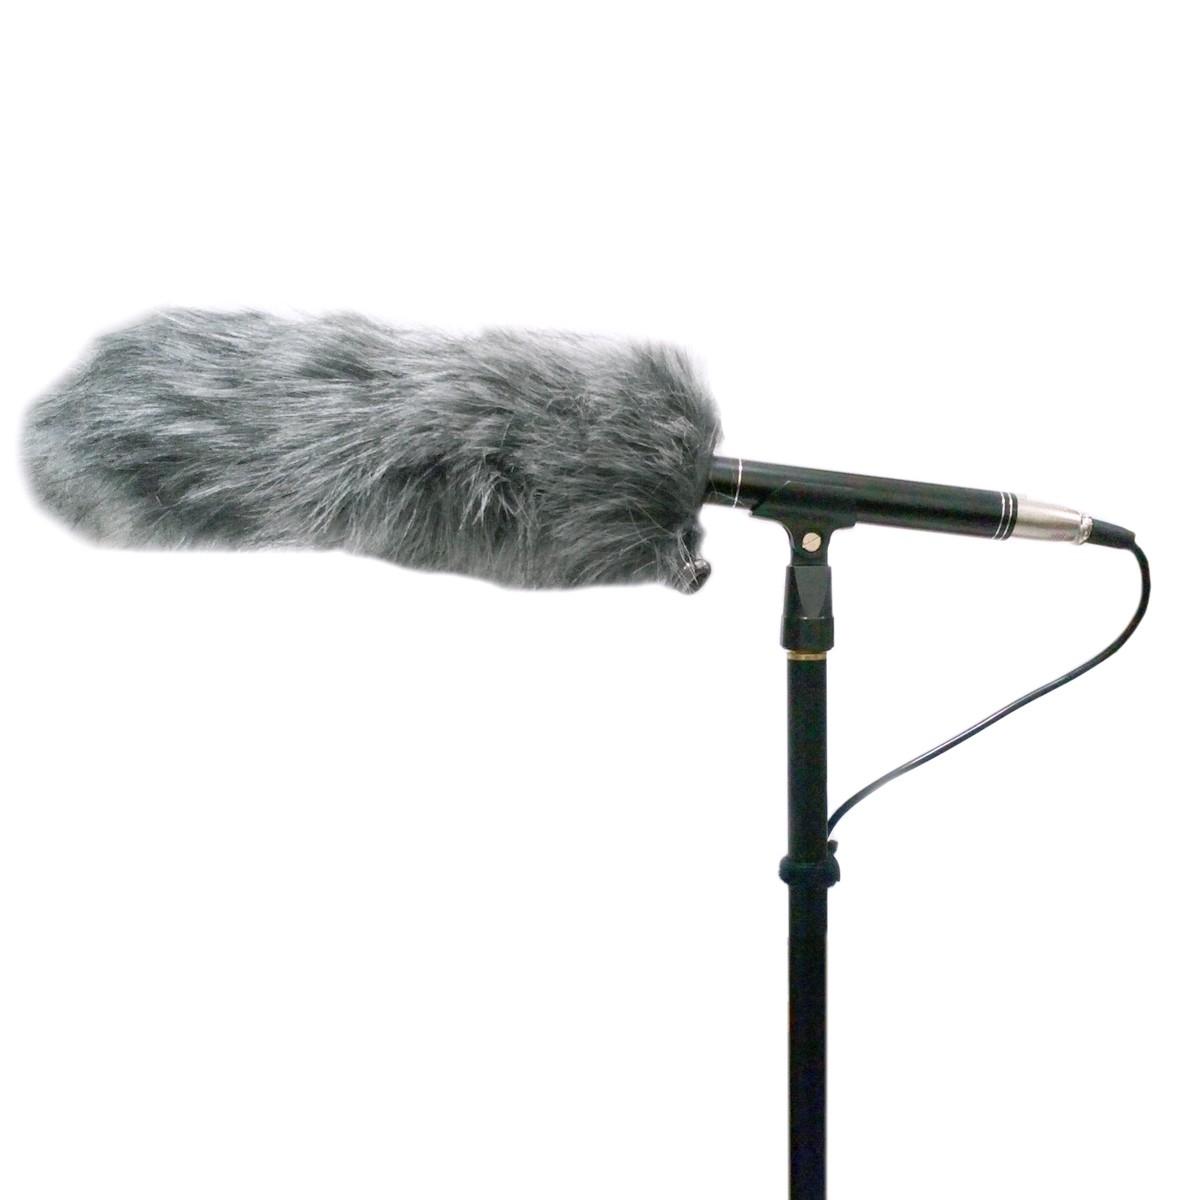 Kit Captação, Microfone, Vara Boom e Deadcat CSR On-stage